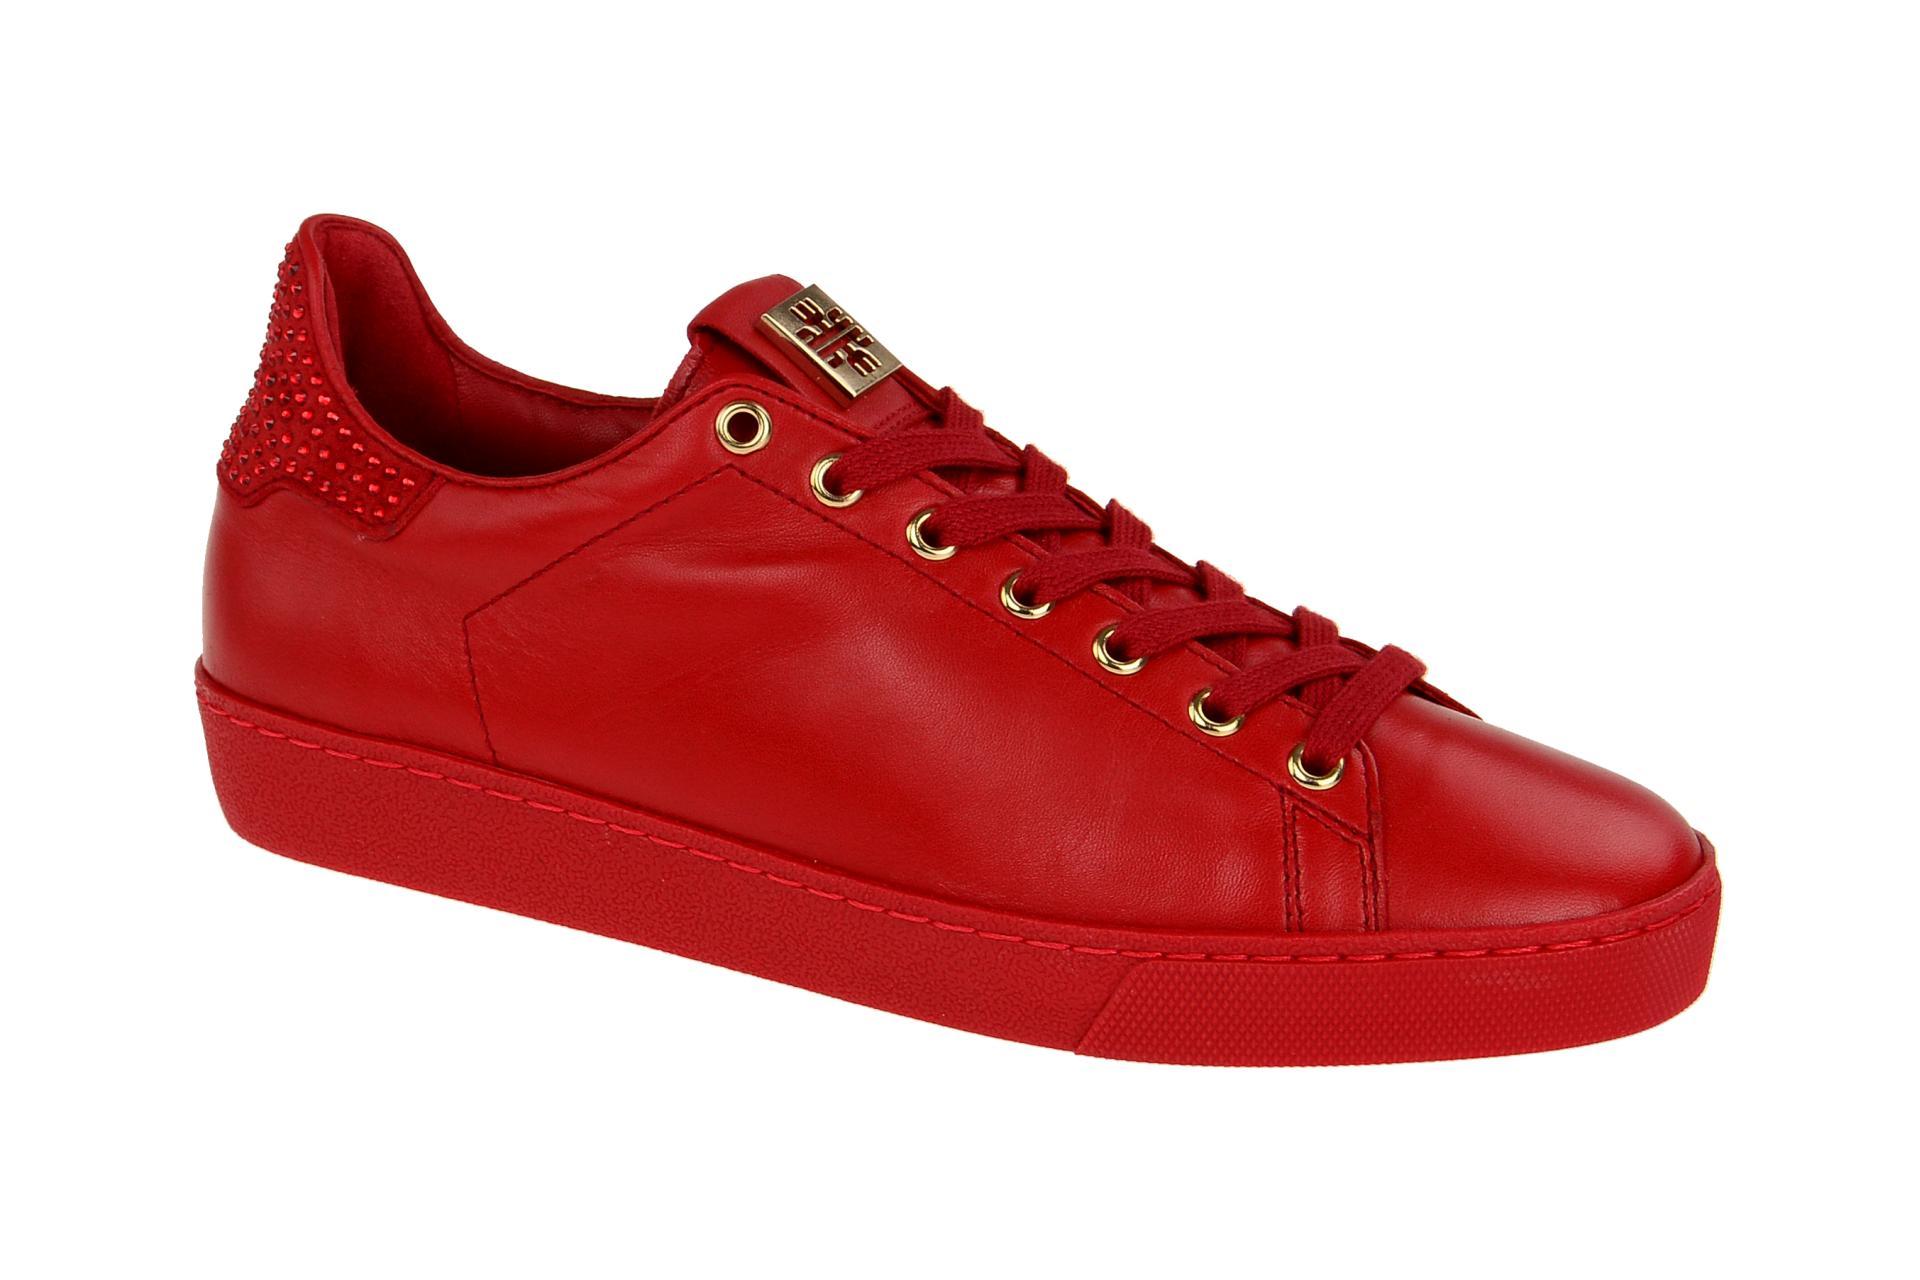 51ef225f5212 Högl Schuhe 0350 rot Damenschuhe Halbschuhe 4-11 0350 4000 NEU   eBay